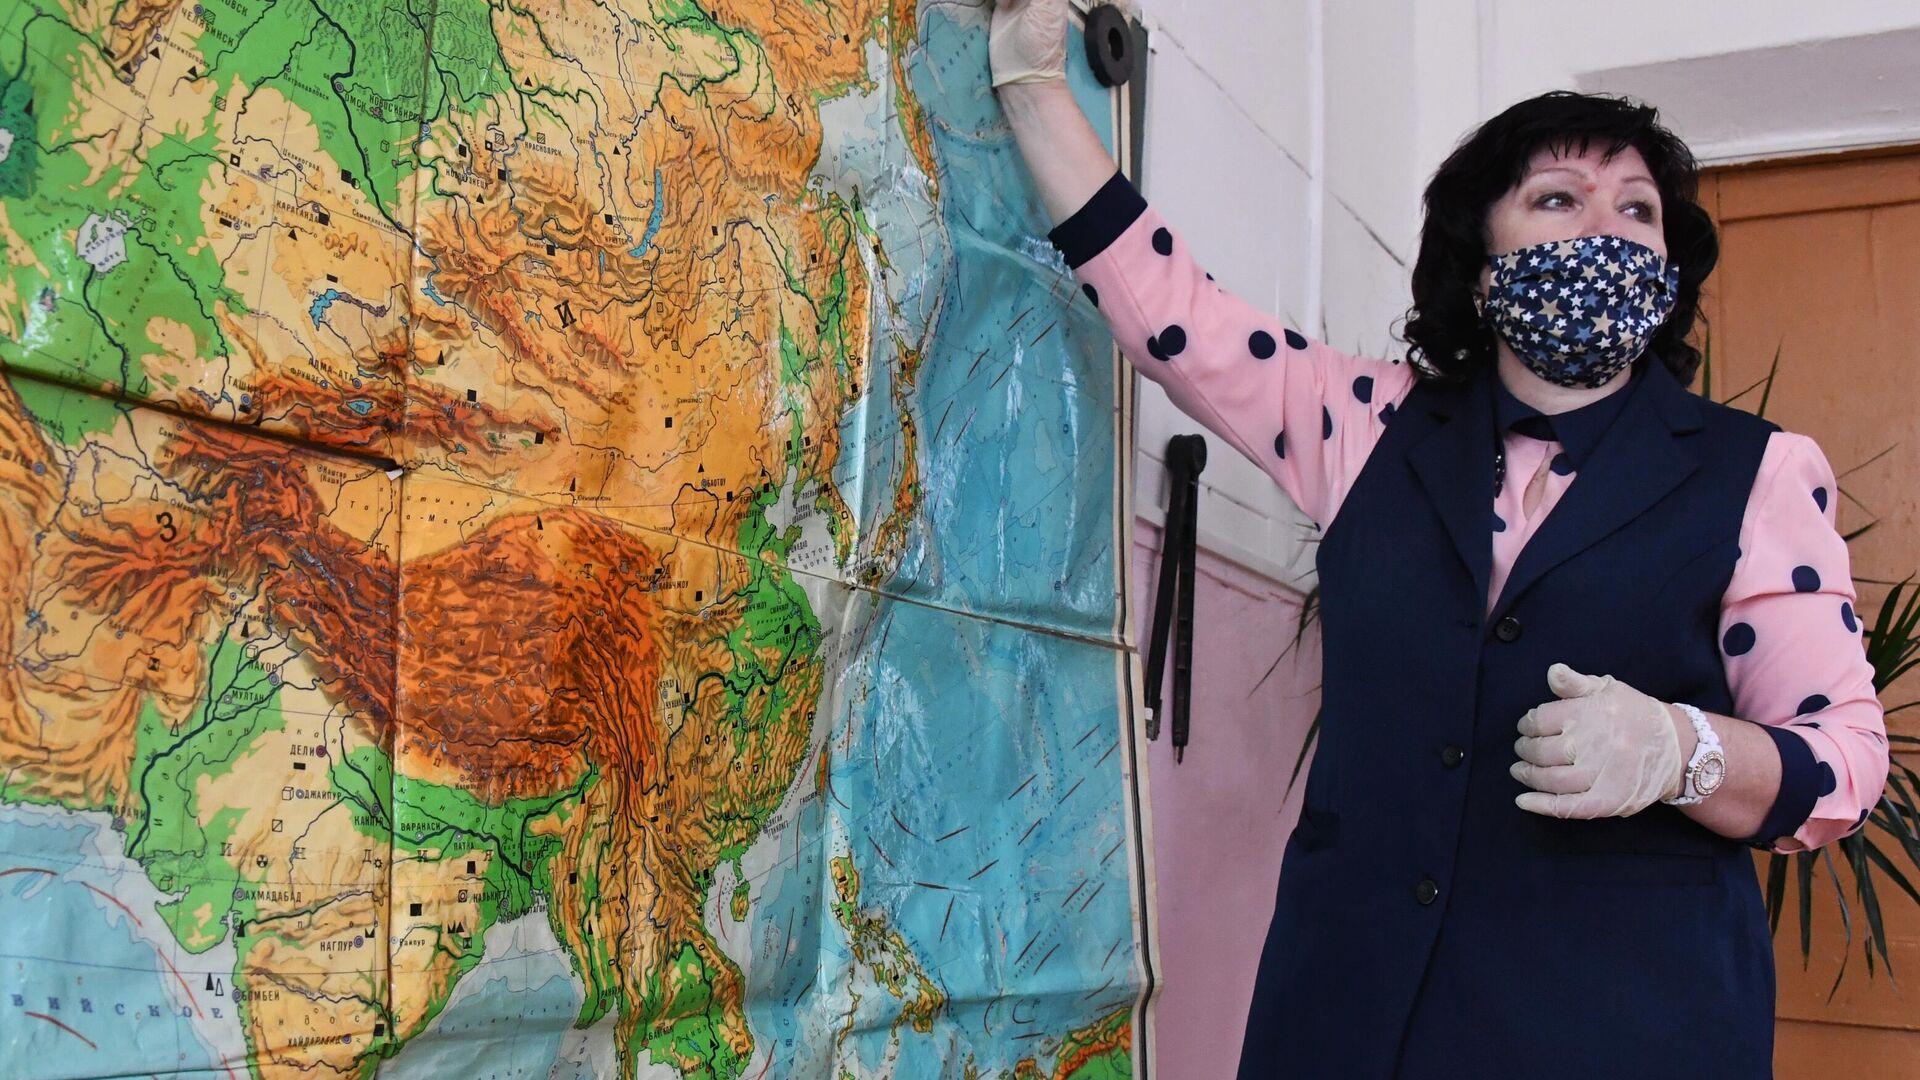 Учитель в защитной маске ведет урок в общеобразовательной школе №8 в селе Нежино Приморского края - РИА Новости, 1920, 04.10.2020